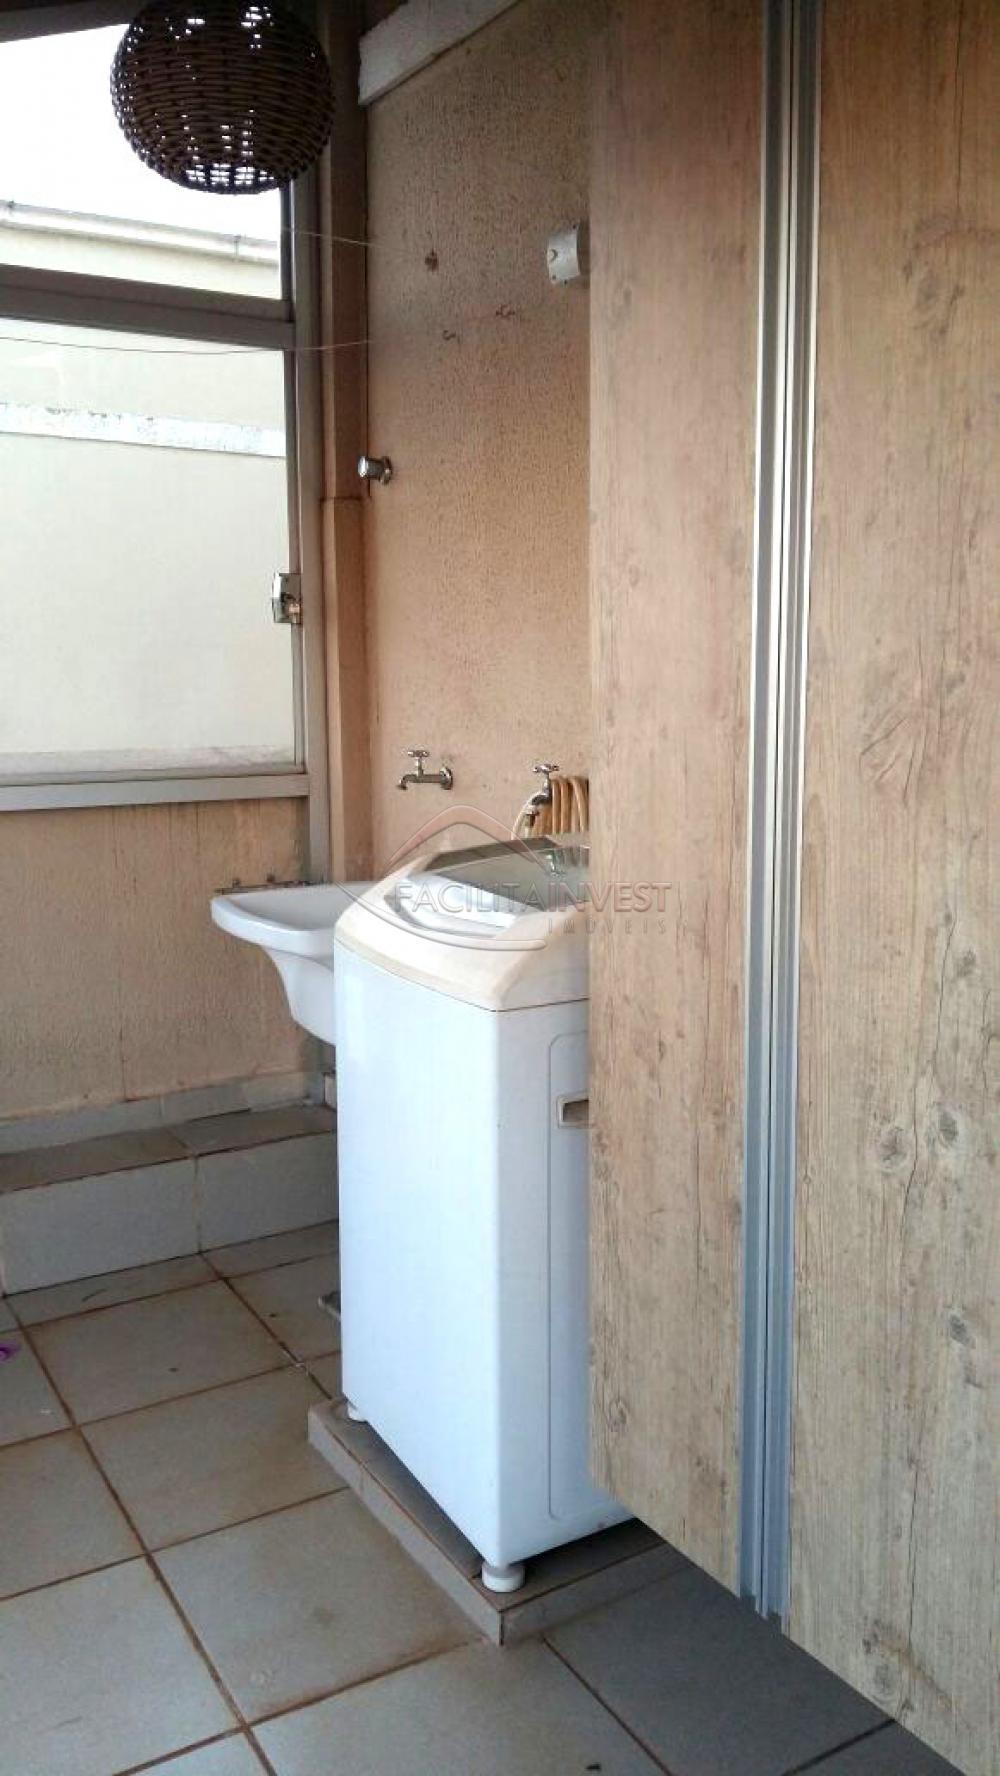 Comprar Apartamentos / Apart. Padrão em Ribeirão Preto apenas R$ 240.000,00 - Foto 16